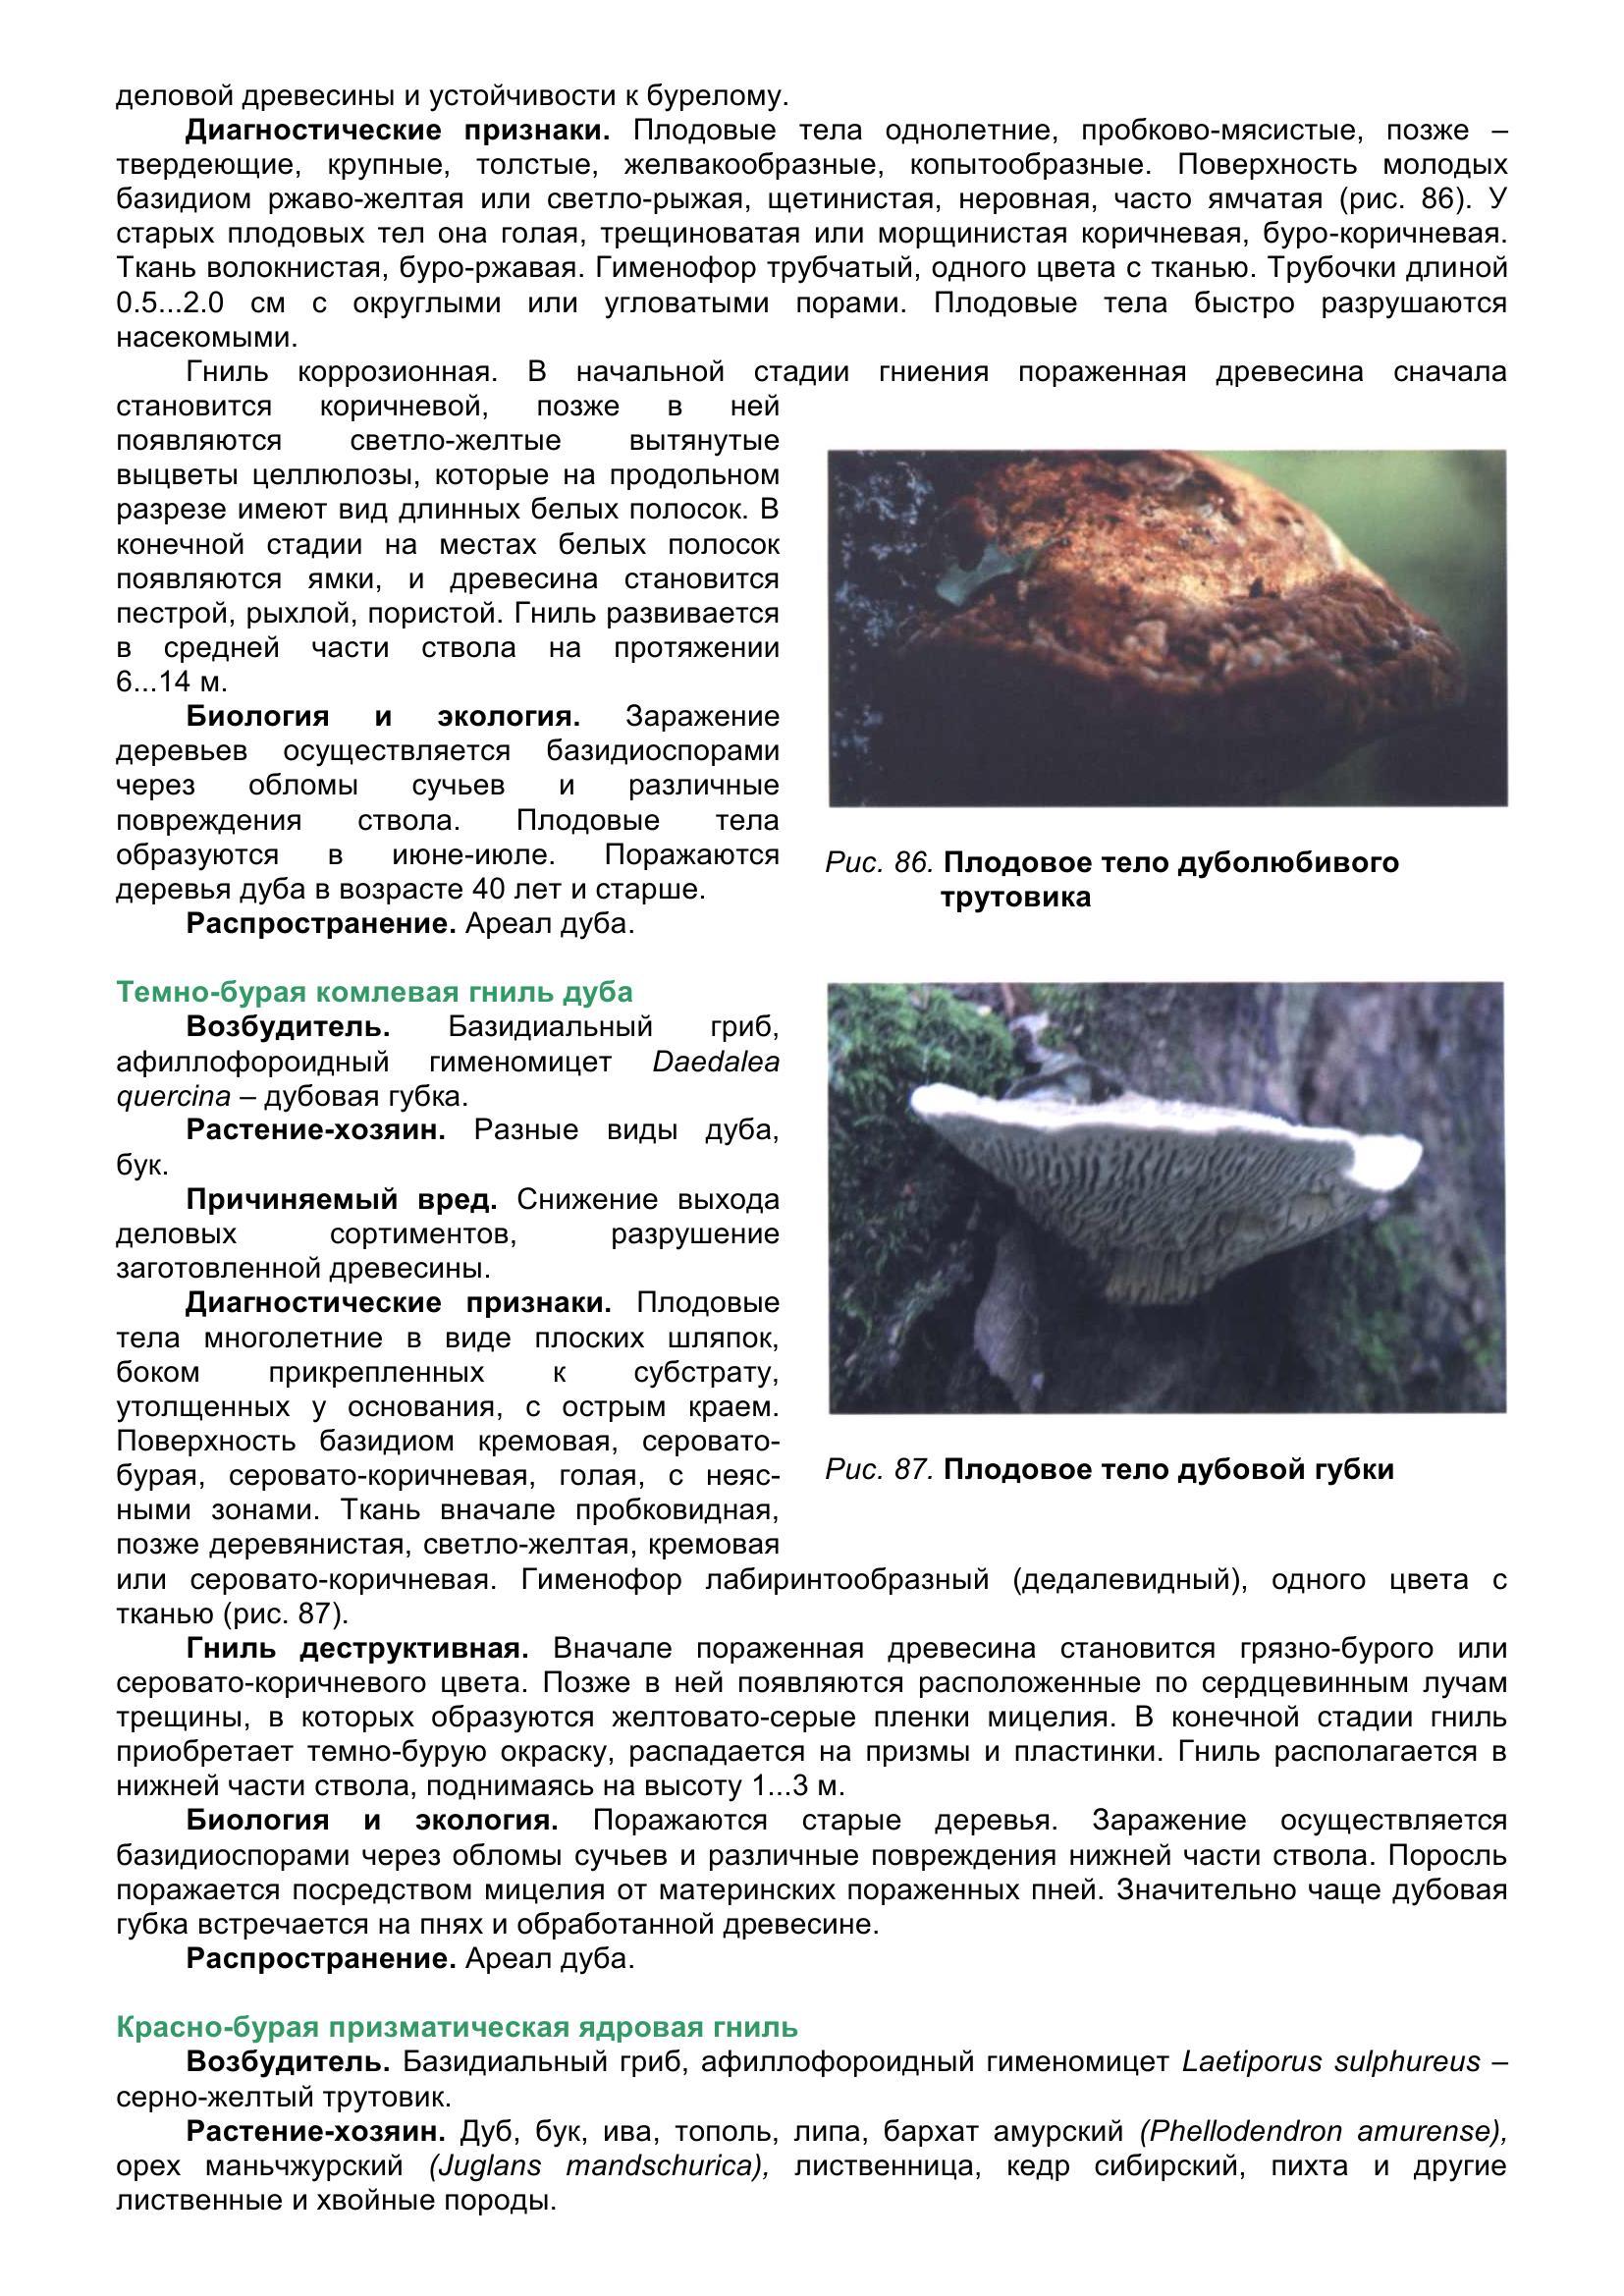 Болезни_древесных_растений_097.jpg